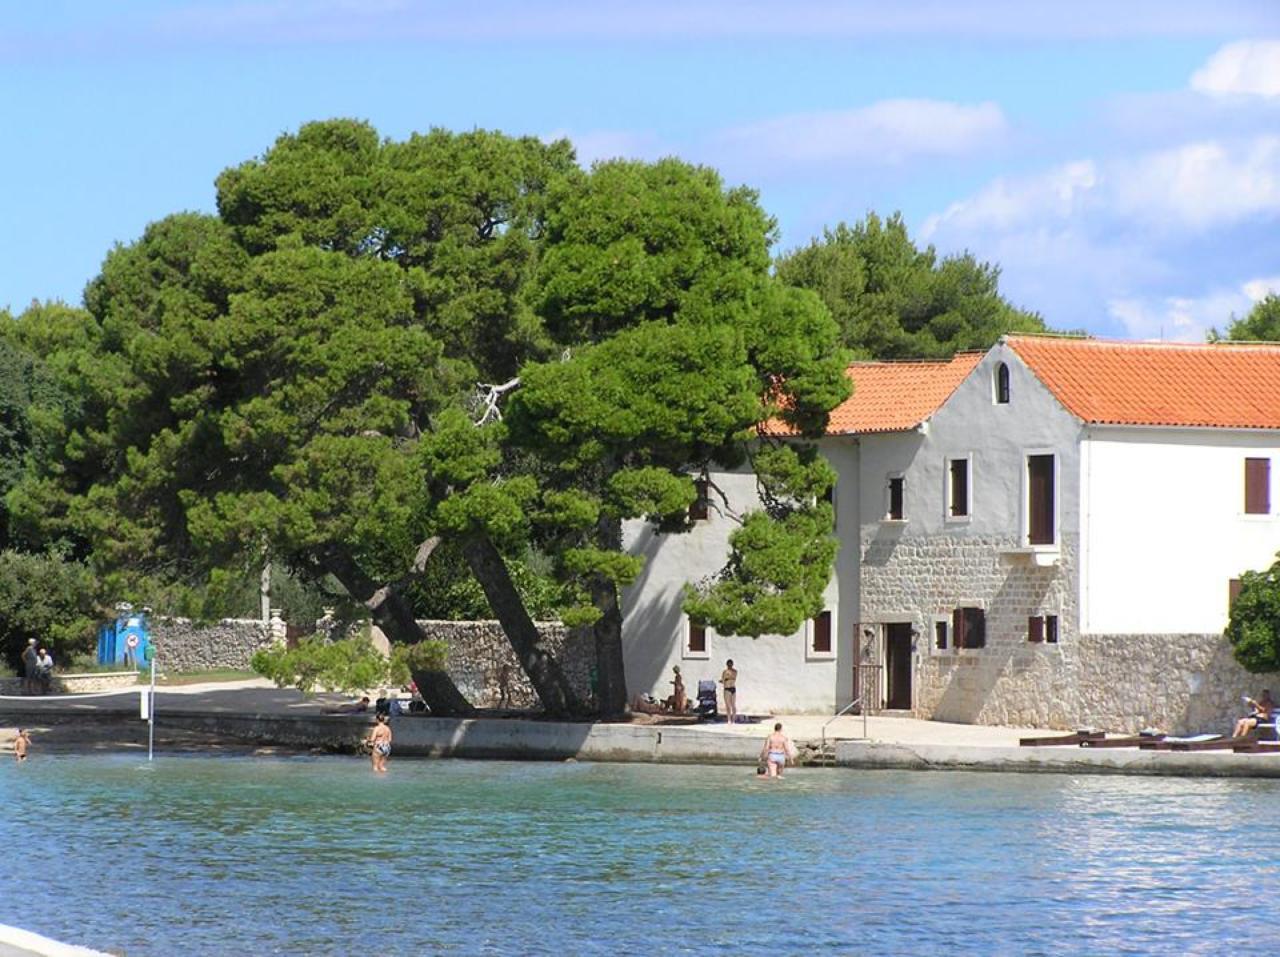 U mjestu Ugljanu uz pješčanu plažu Mostir već su gotovo šest stoljeća franjevački samostan i crkva sv. Jeronima koje je kao obiteljsku zadužbinu 1430. godine utemeljio Šimun Benja, djed modruškoga biskupa Šimuna Kožičića Benje.